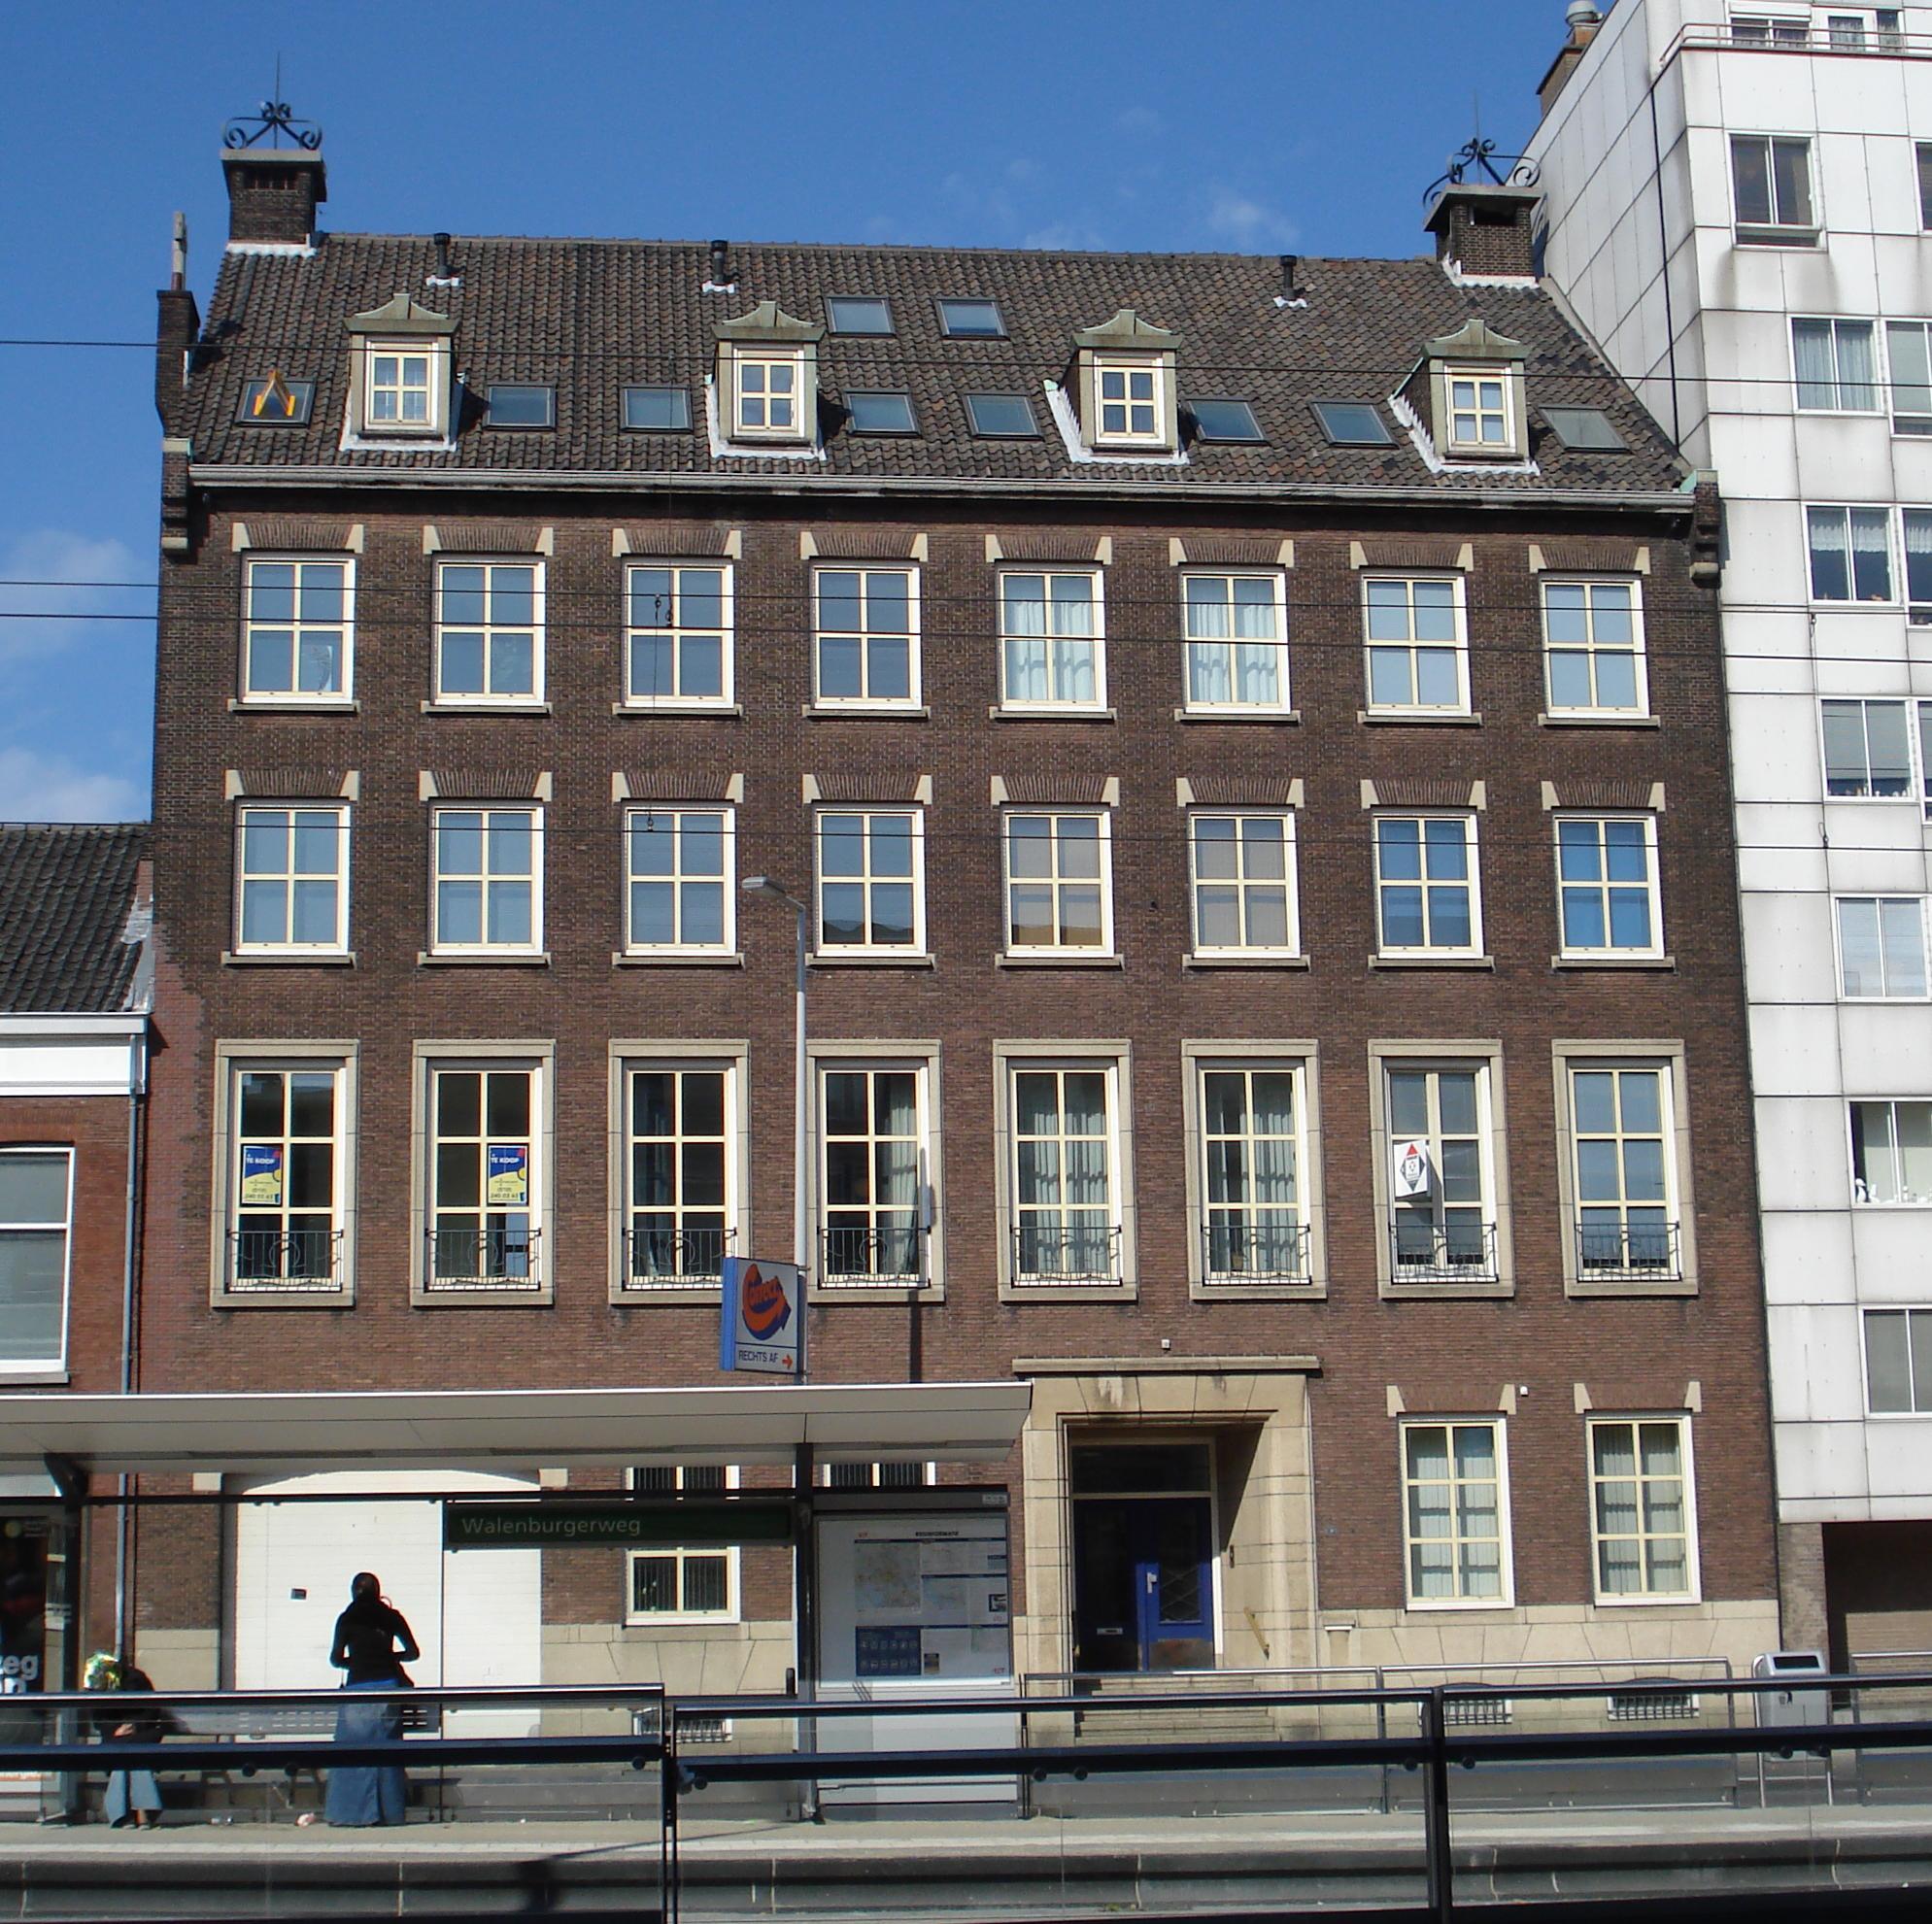 File:Rotterdam schiekade14.jpg